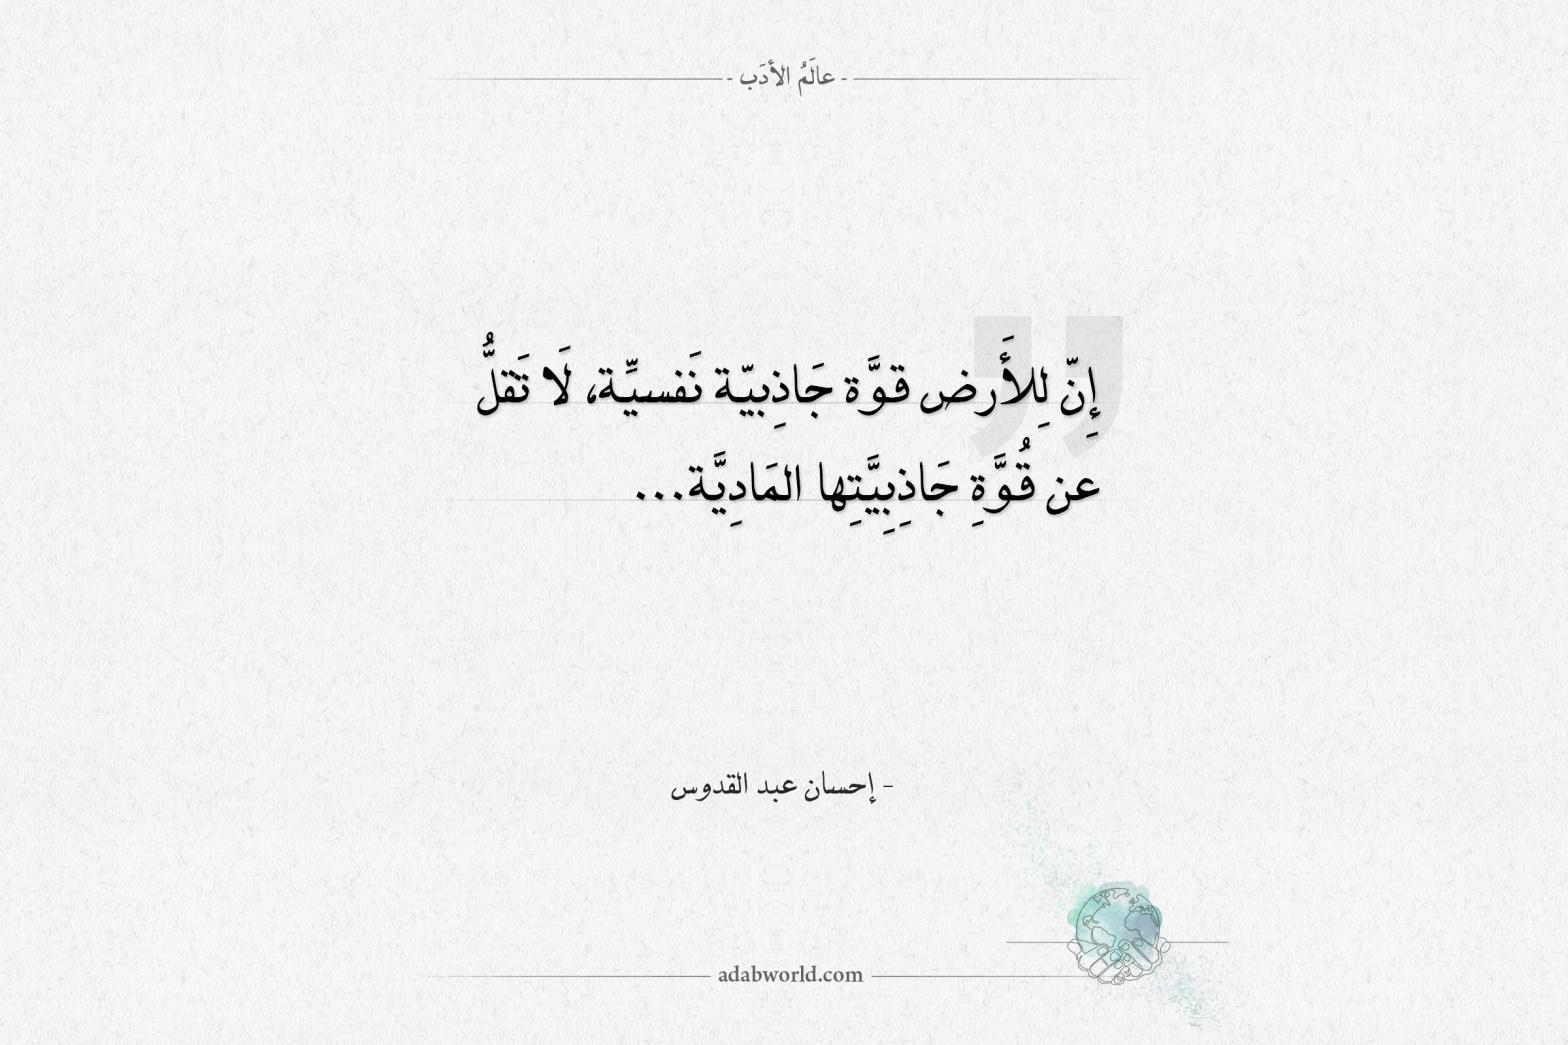 اقتباسات إحسان عبد القدوس للأرض قوة جاذبية نفسية